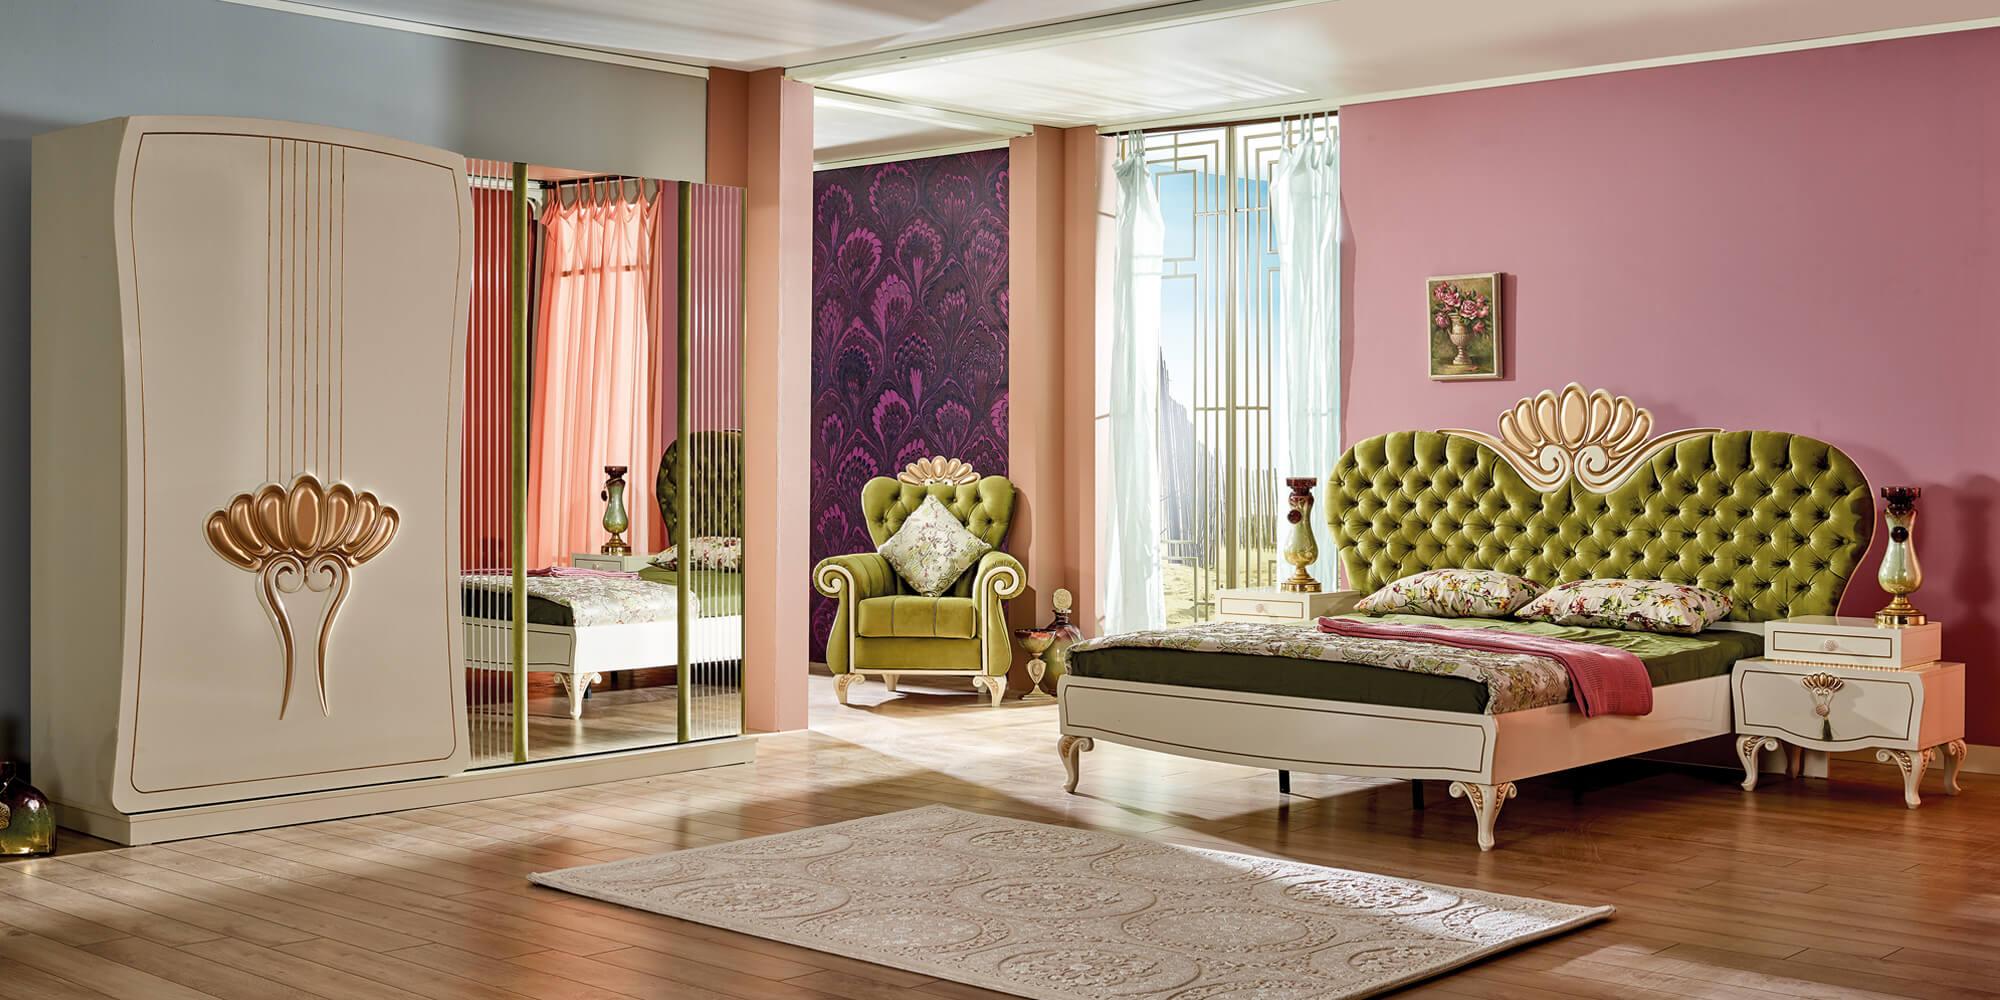 asur schlafzimmer komplett set yuvam m belhaus in wuppertal cilek offizieller h ndler in europa. Black Bedroom Furniture Sets. Home Design Ideas